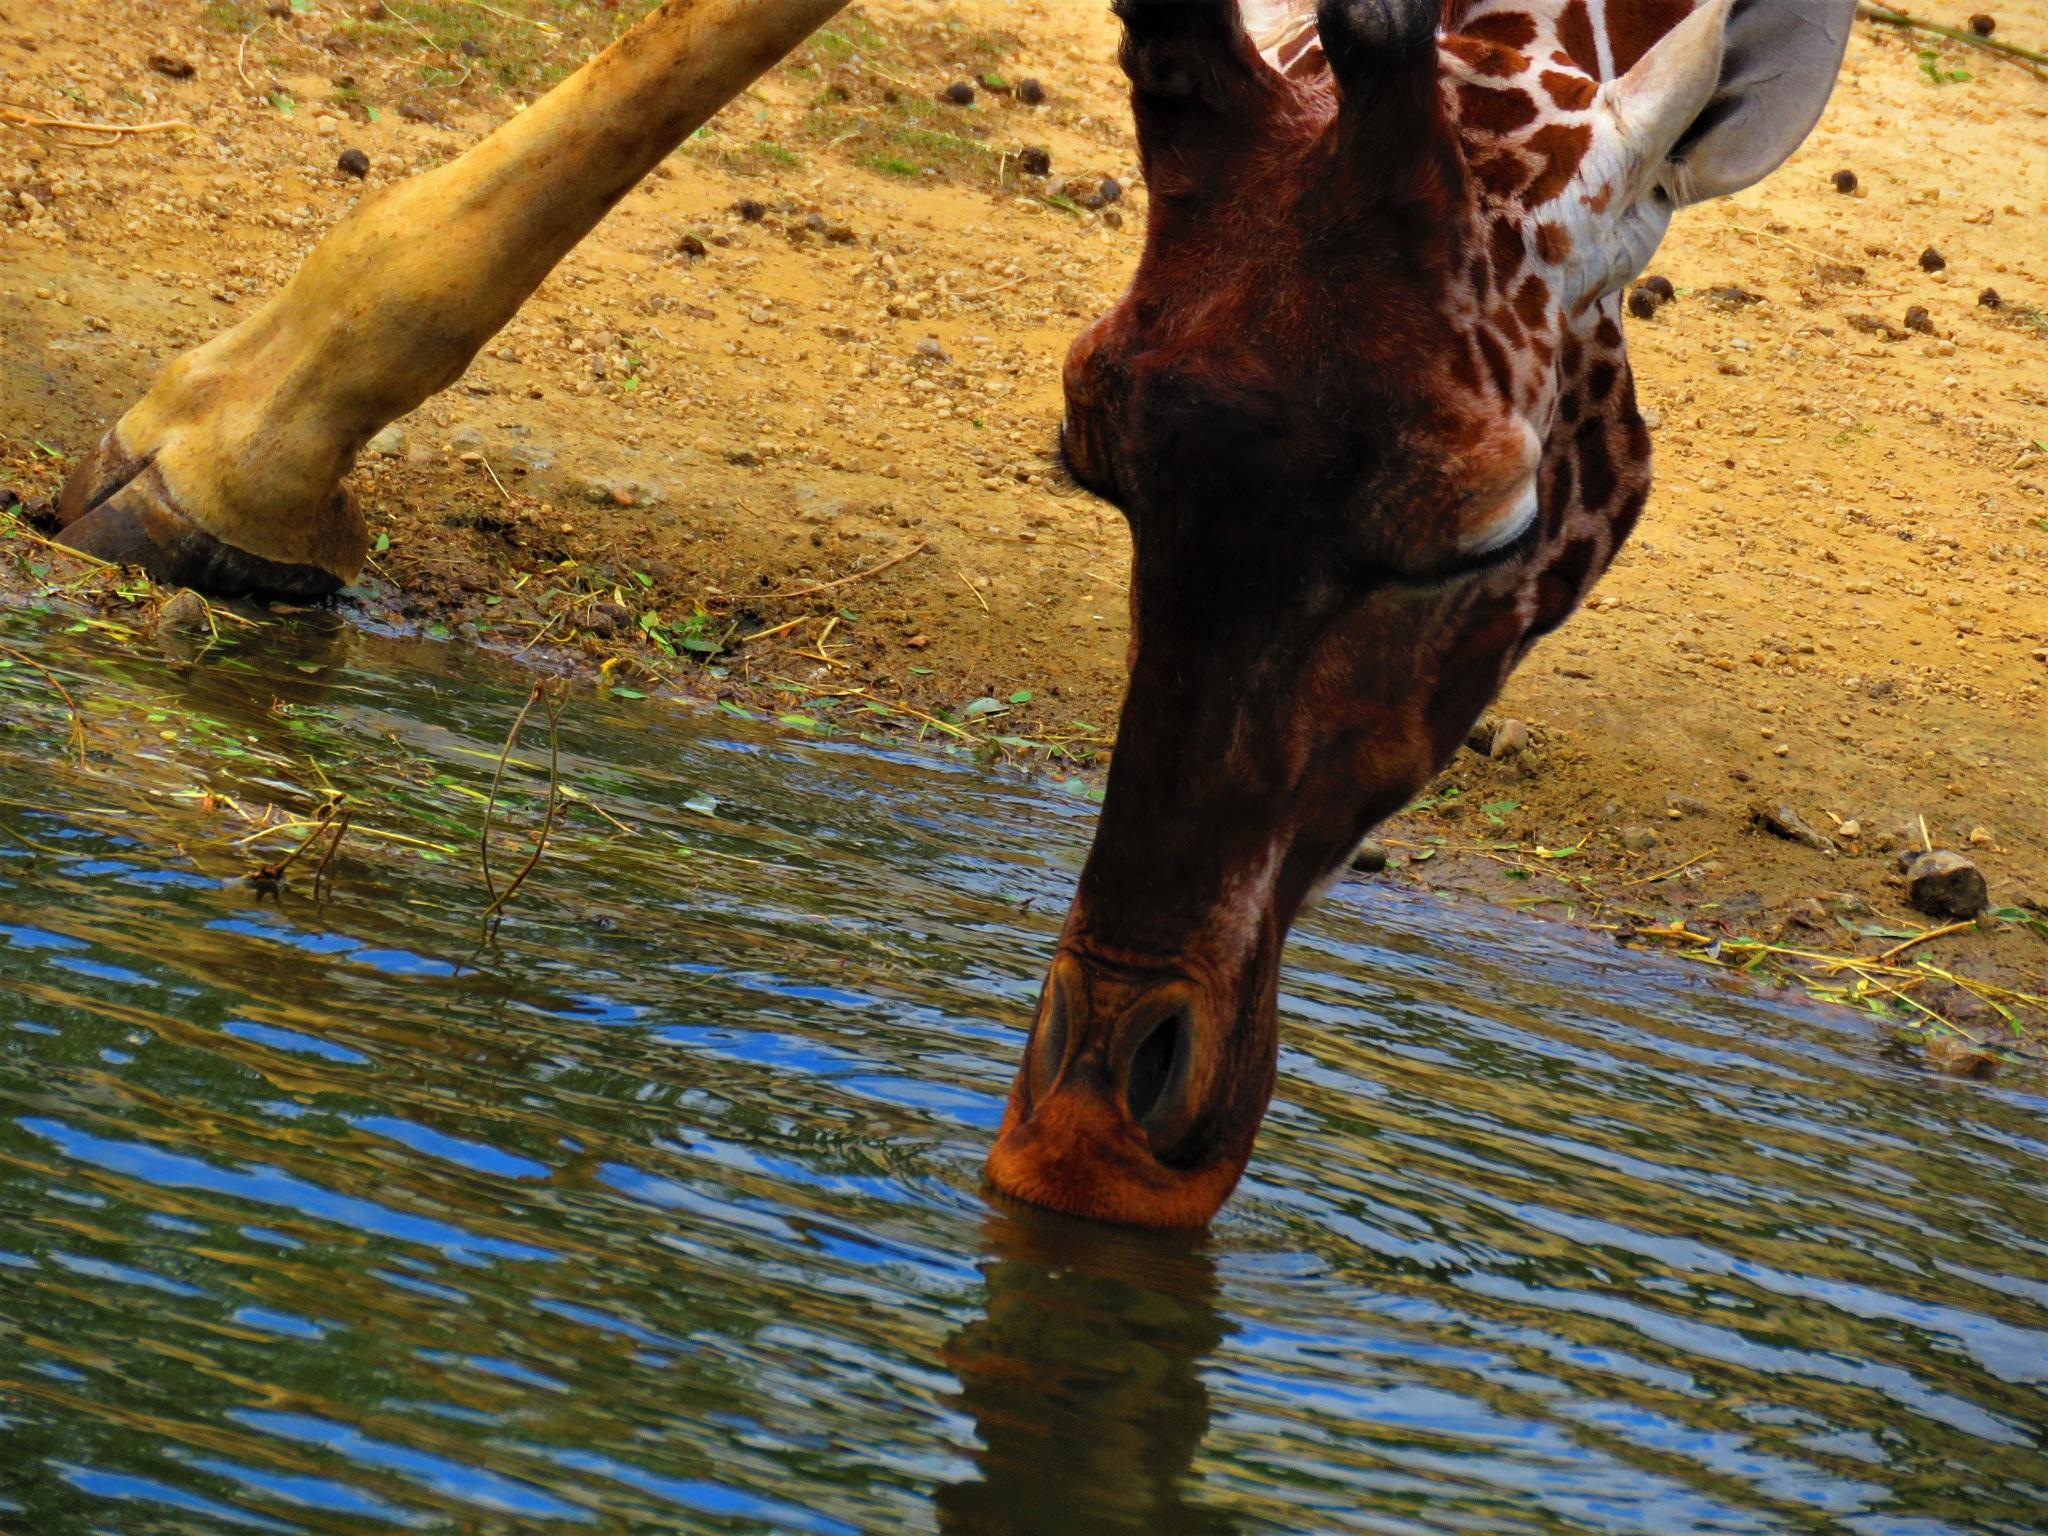 Giraffe by Marianne Krijgsman